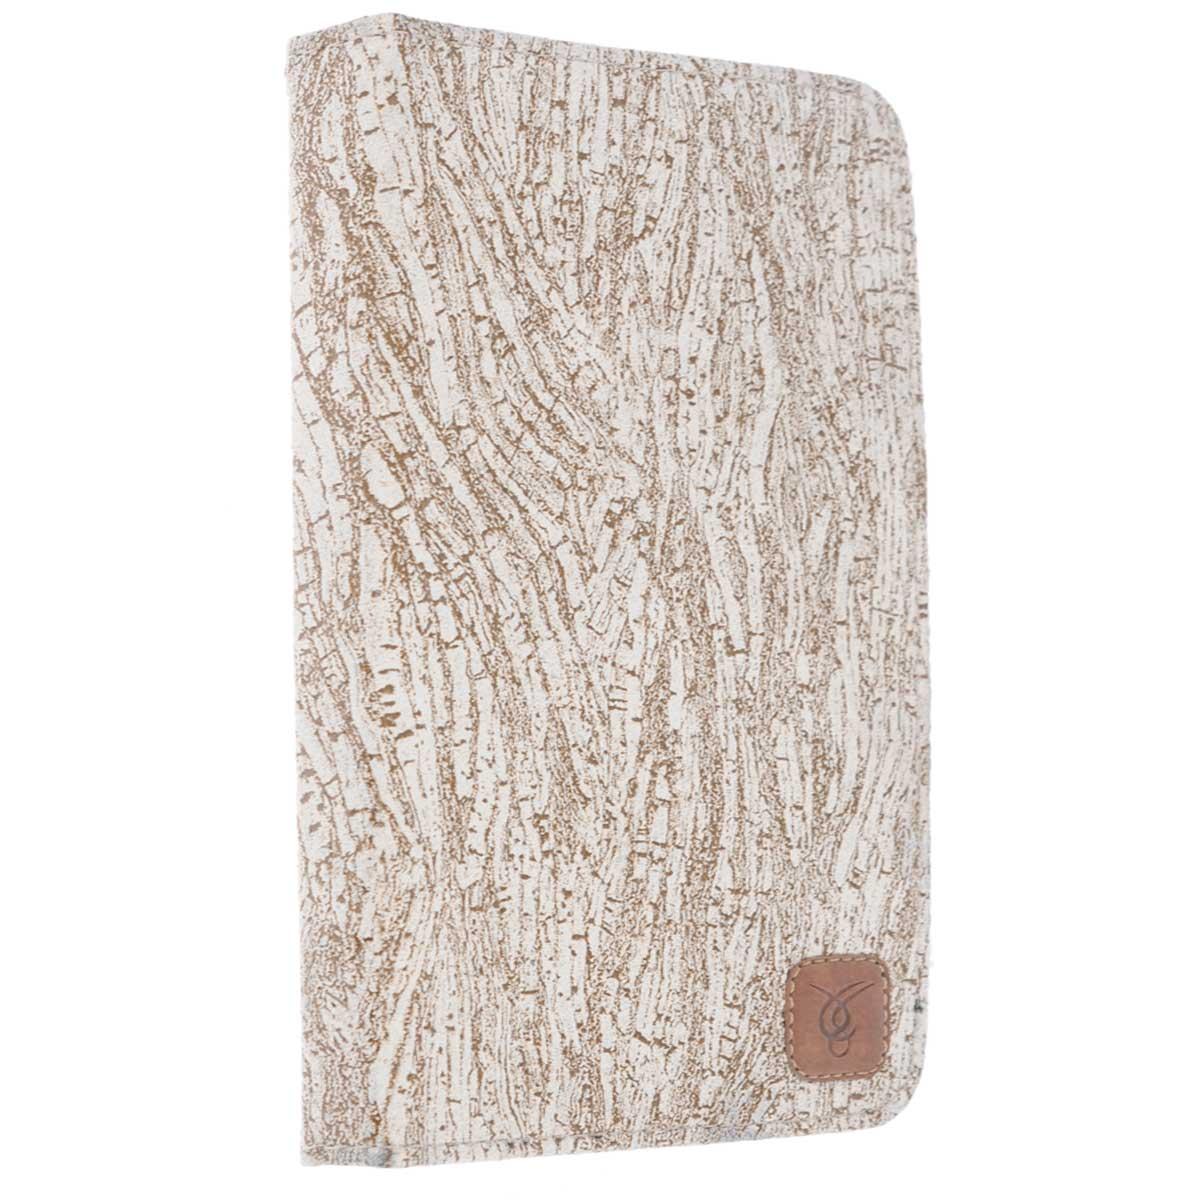 Vivacase Textile чехол для Asus MeMO Pad 7